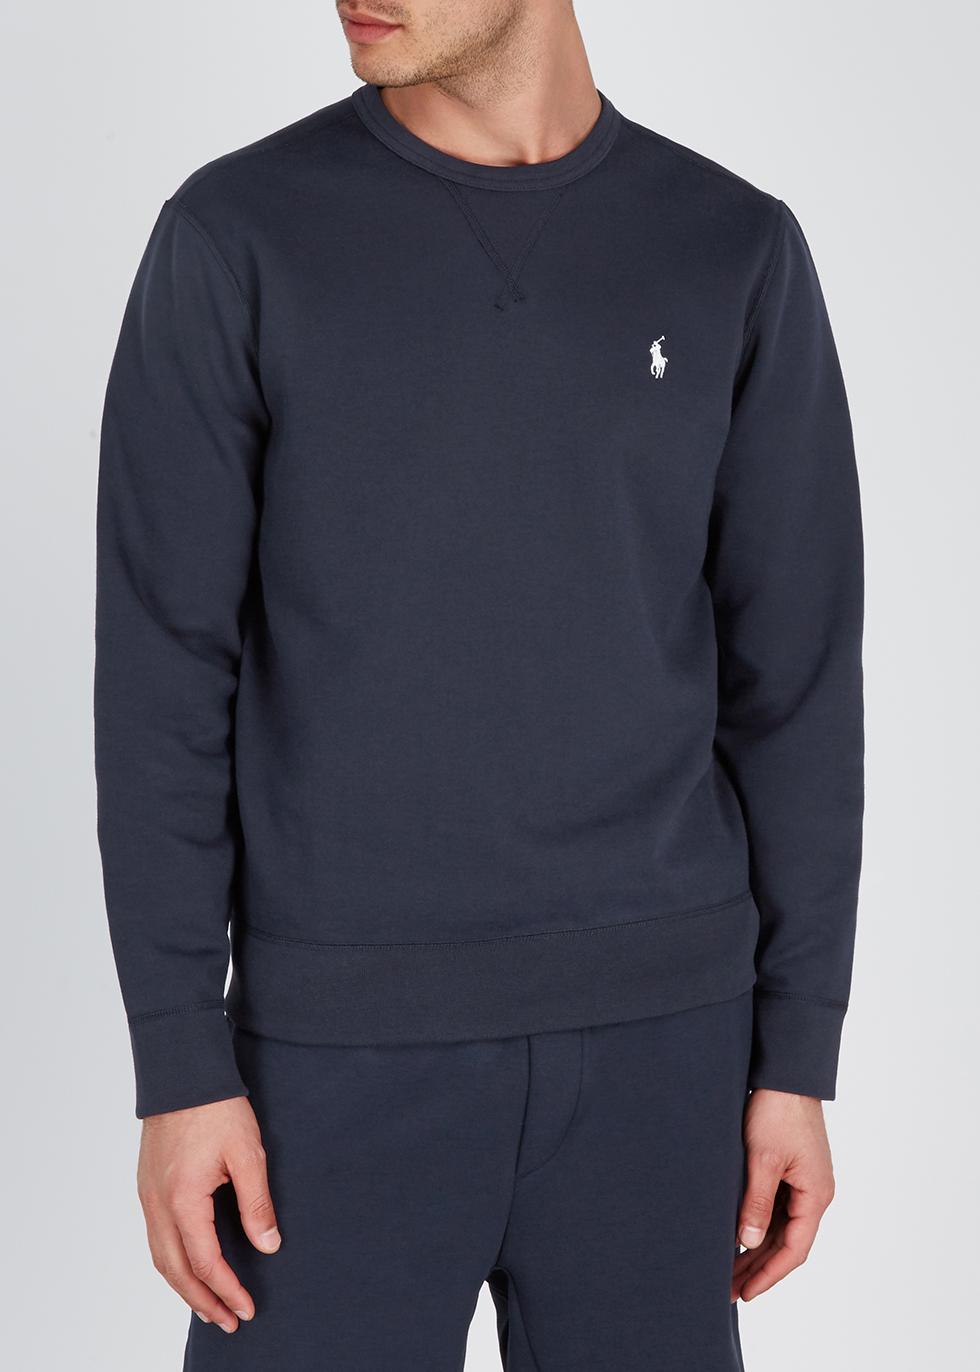 Performance navy jersey sweatshirt - Polo Ralph Lauren